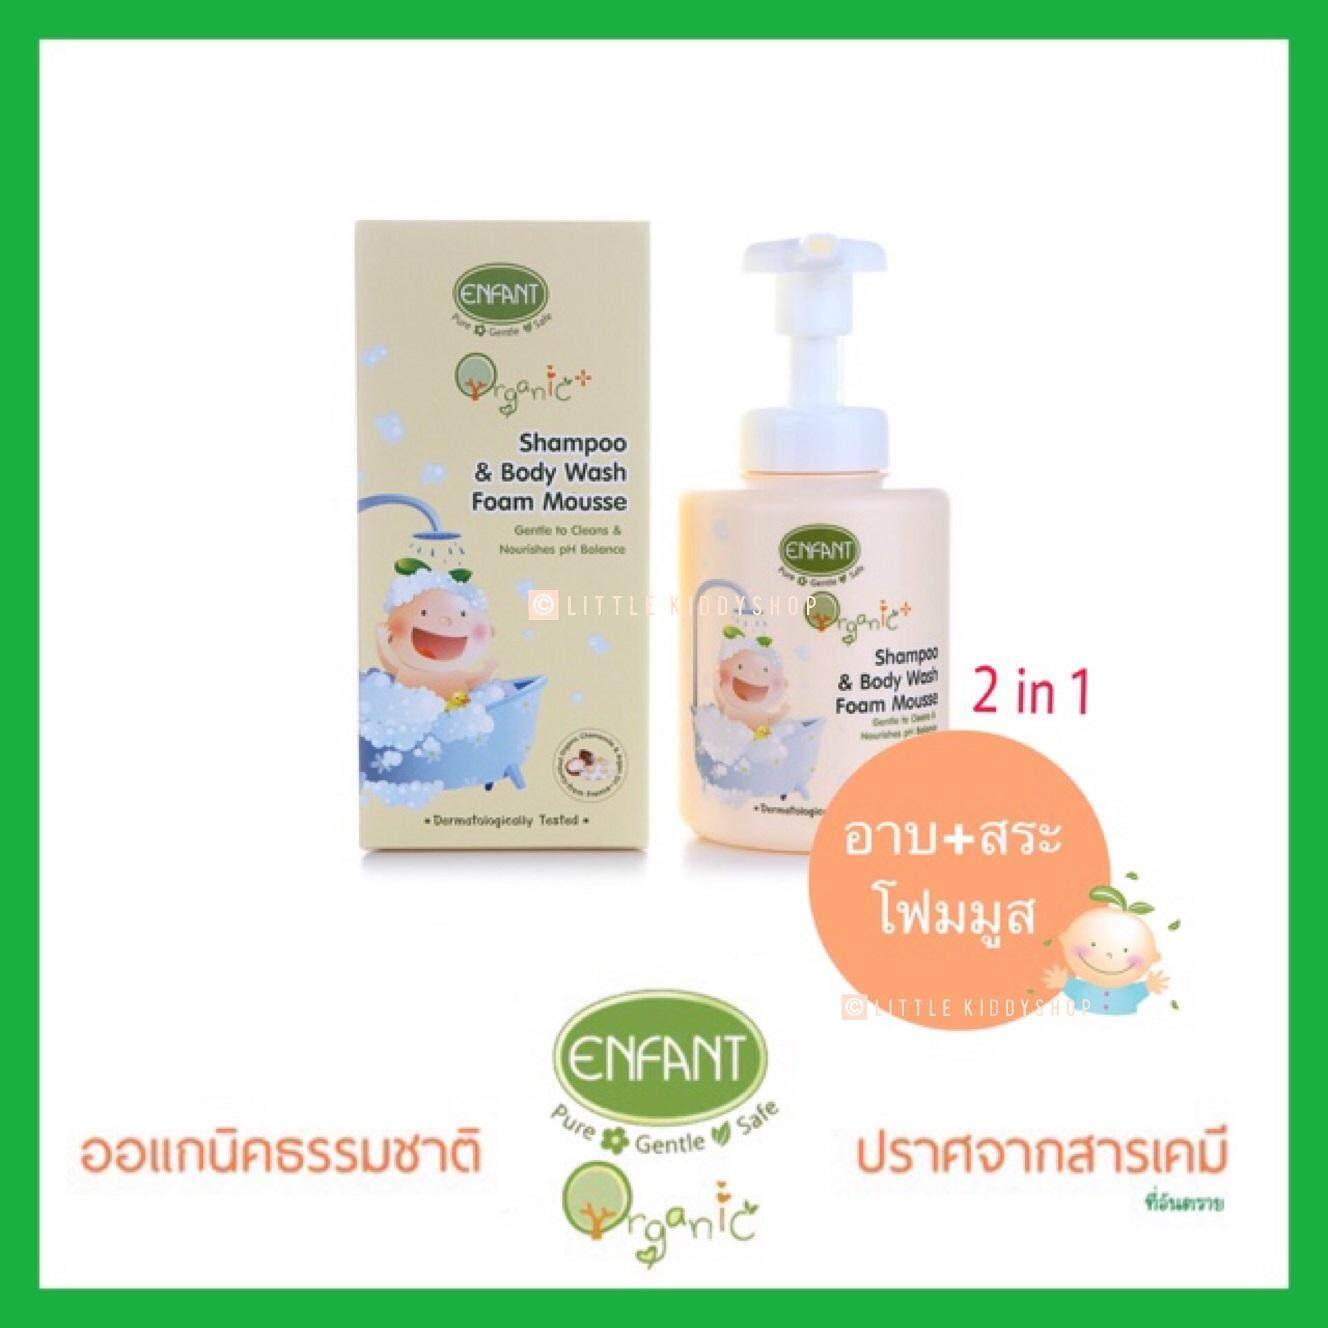 แนะนำ 2in1 แชมพู + โฟมอาบน้ำเด็ก Enfant Organic Plus Shampoo & Body Wash Foam อองฟอง ออแกนิค [ENF]